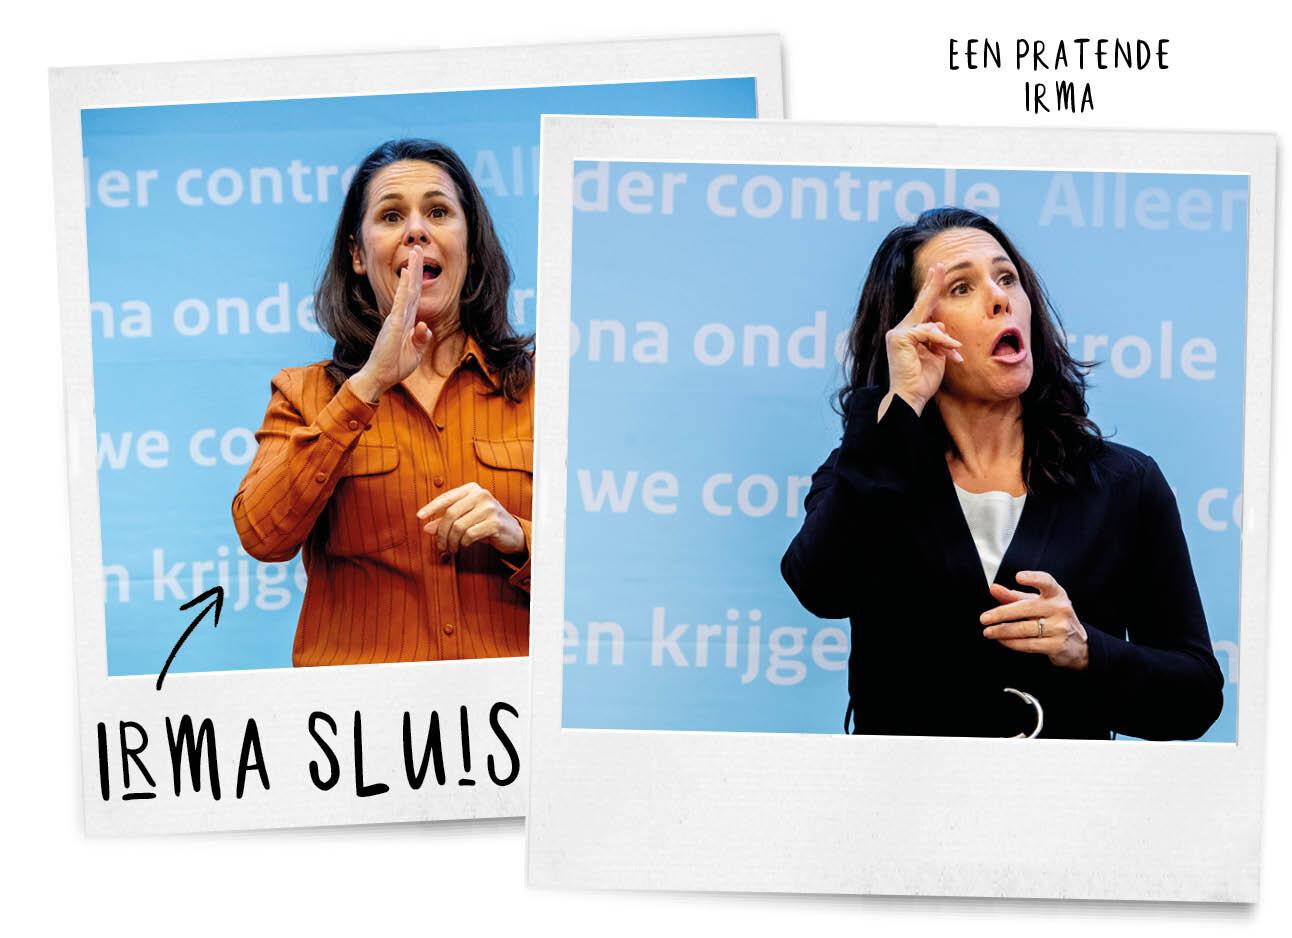 De stem van Irma Sluis